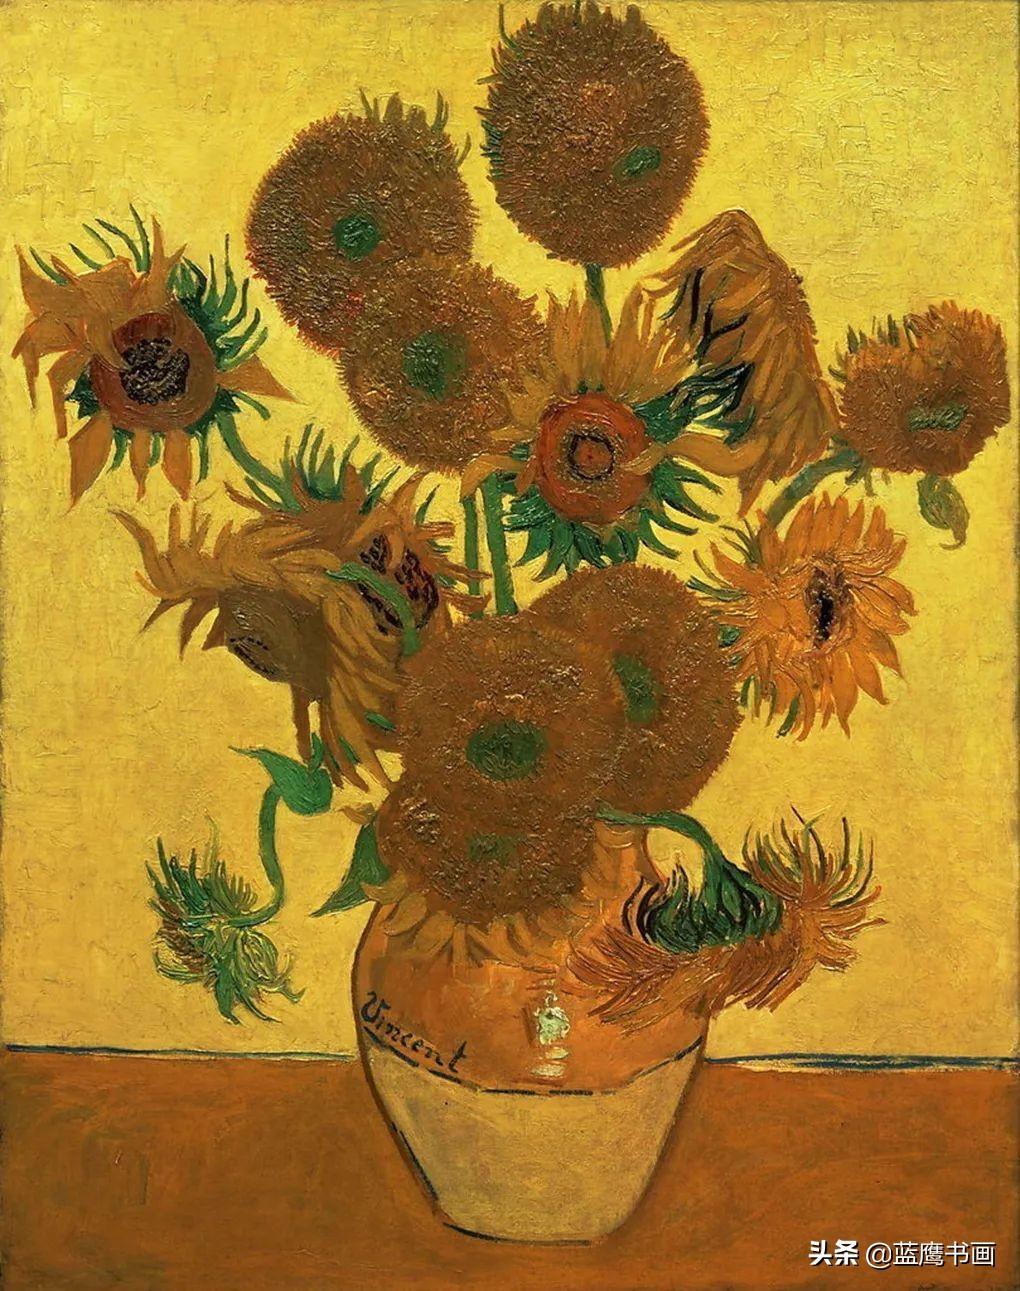 梵高一生只卖过一幅画,只谈过一次恋爱,作品最终拍出不菲的价格